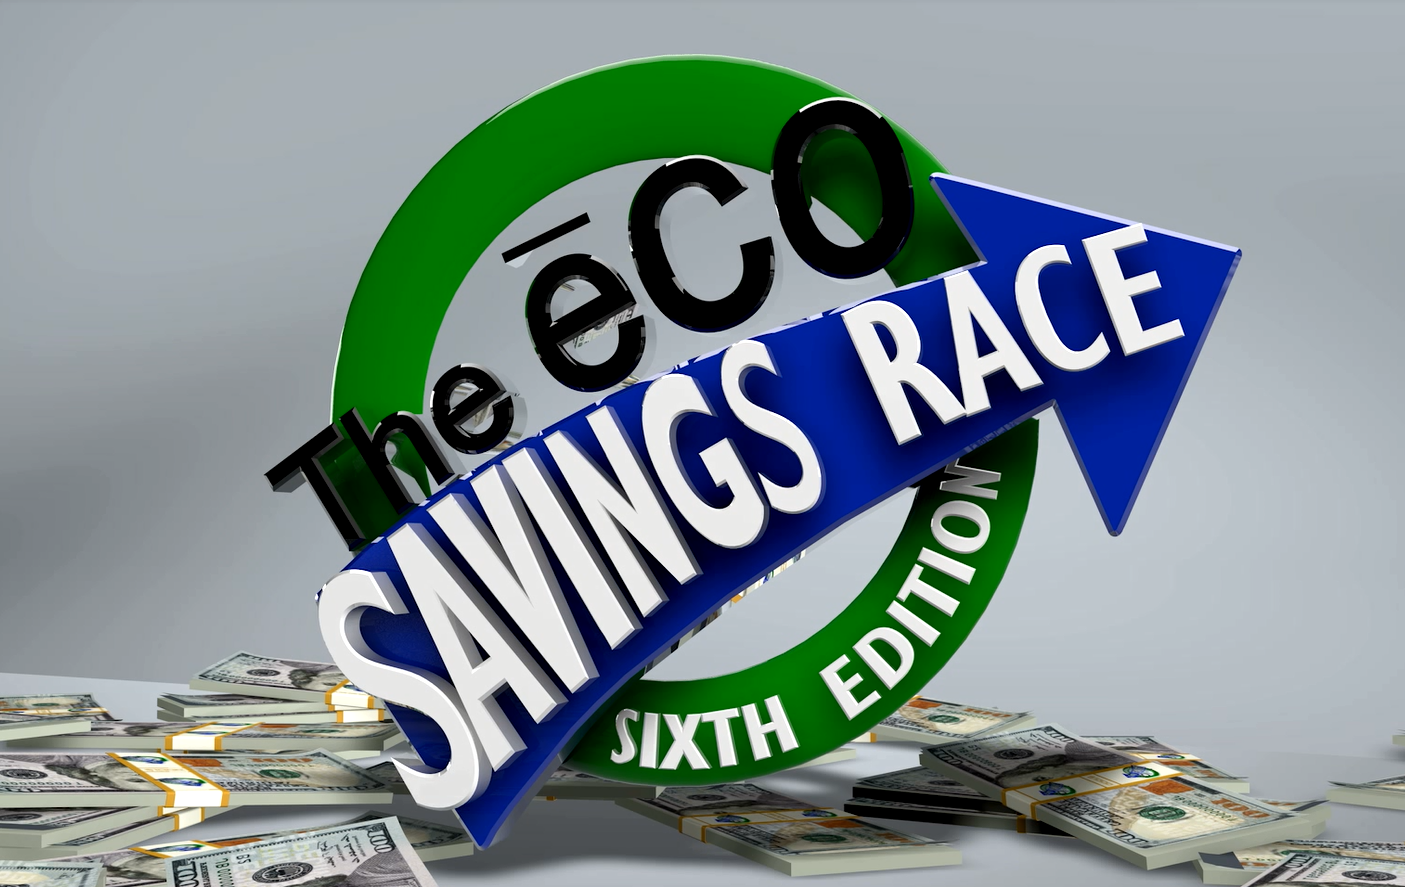 eco savings race 6th edition_310812